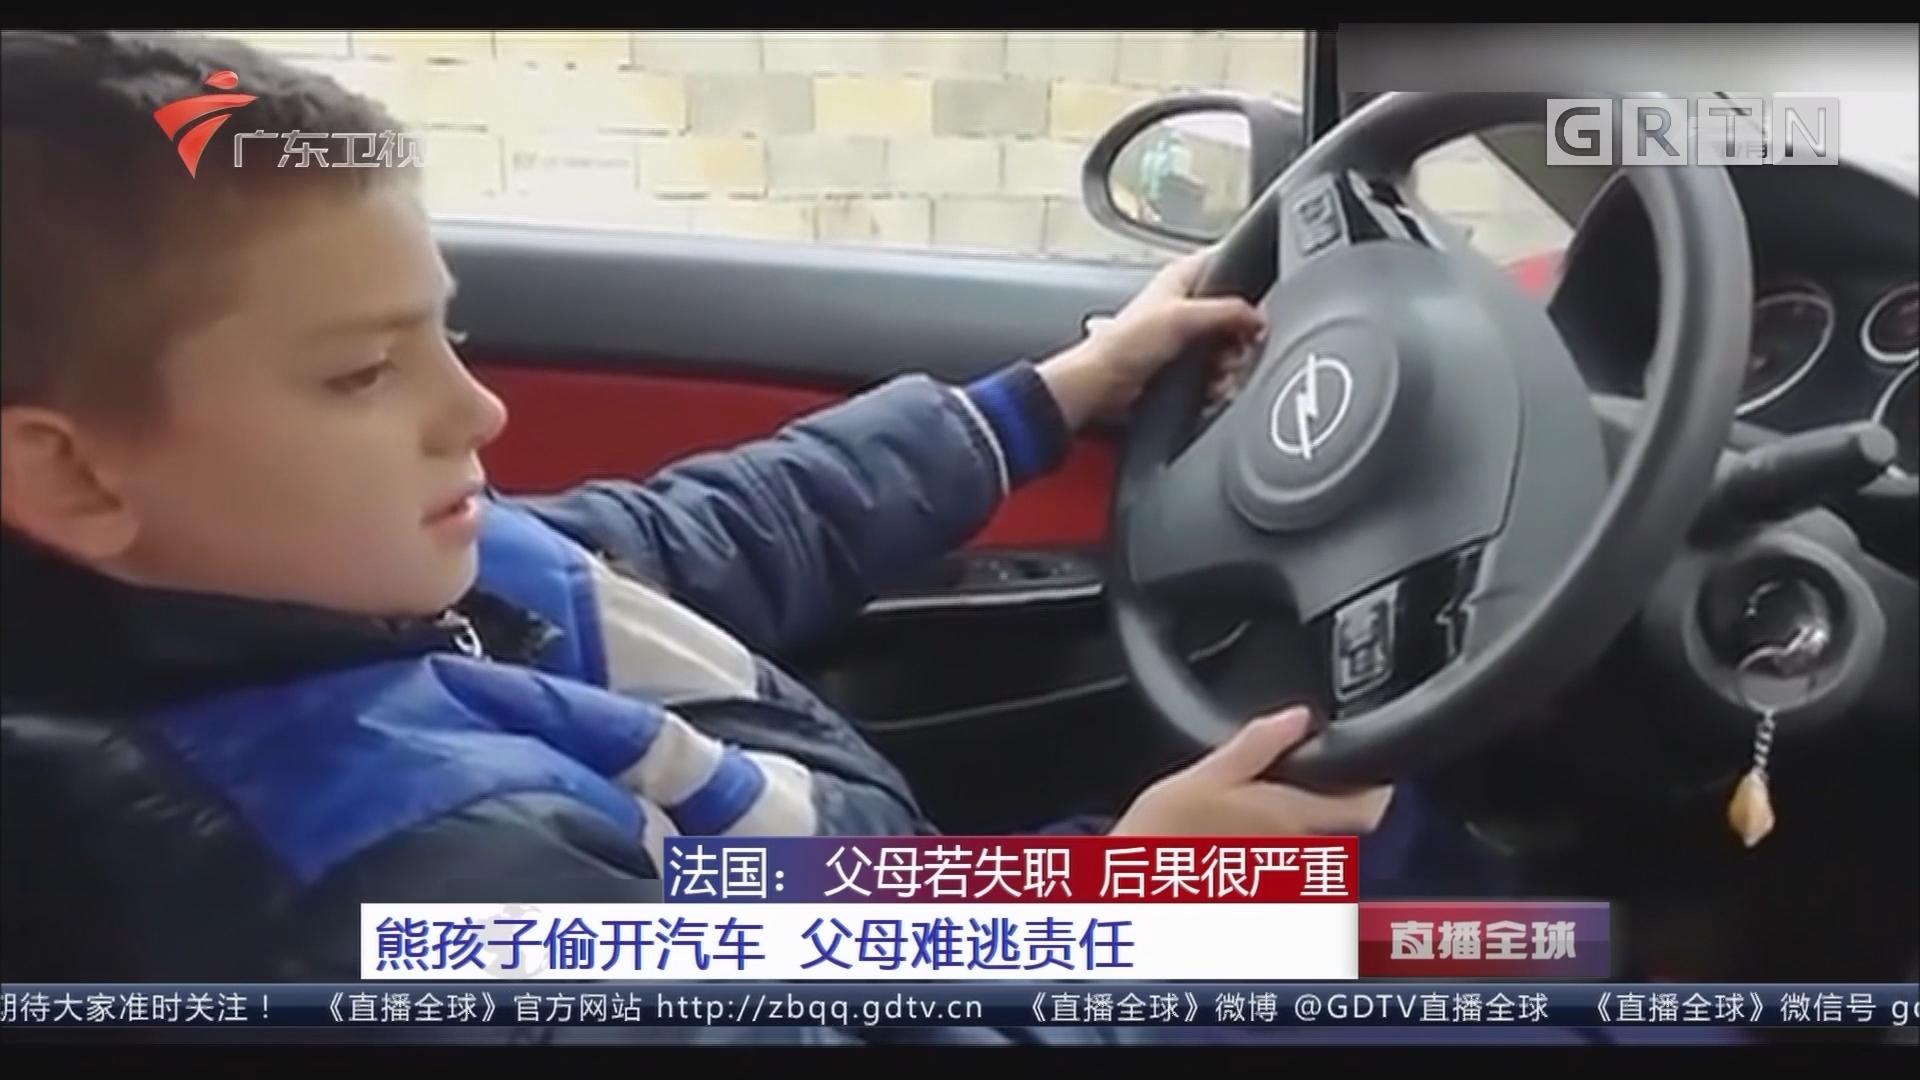 法国:父母若失职 后果很严重 熊孩子偷开汽车 父母难逃责任